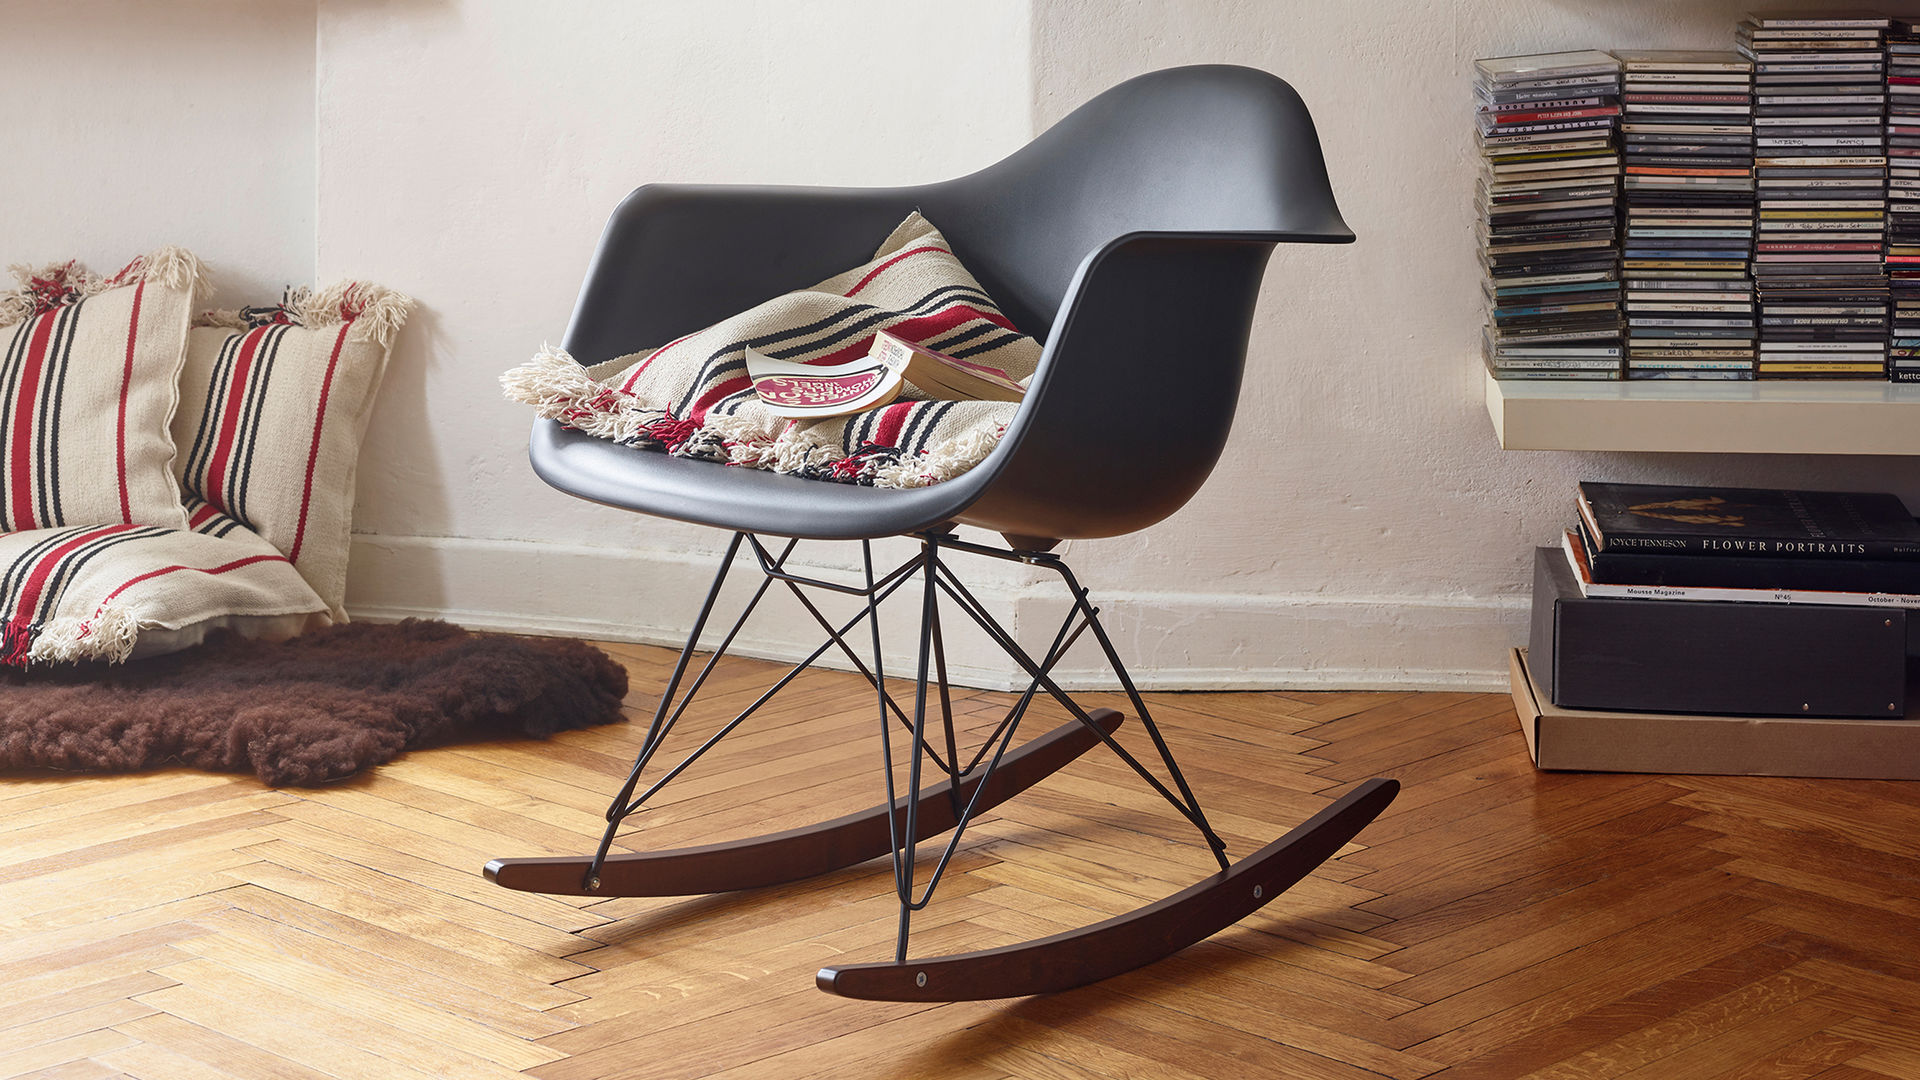 Eames Plastic Armchair RAR web 16-9 7cad90ada3fb